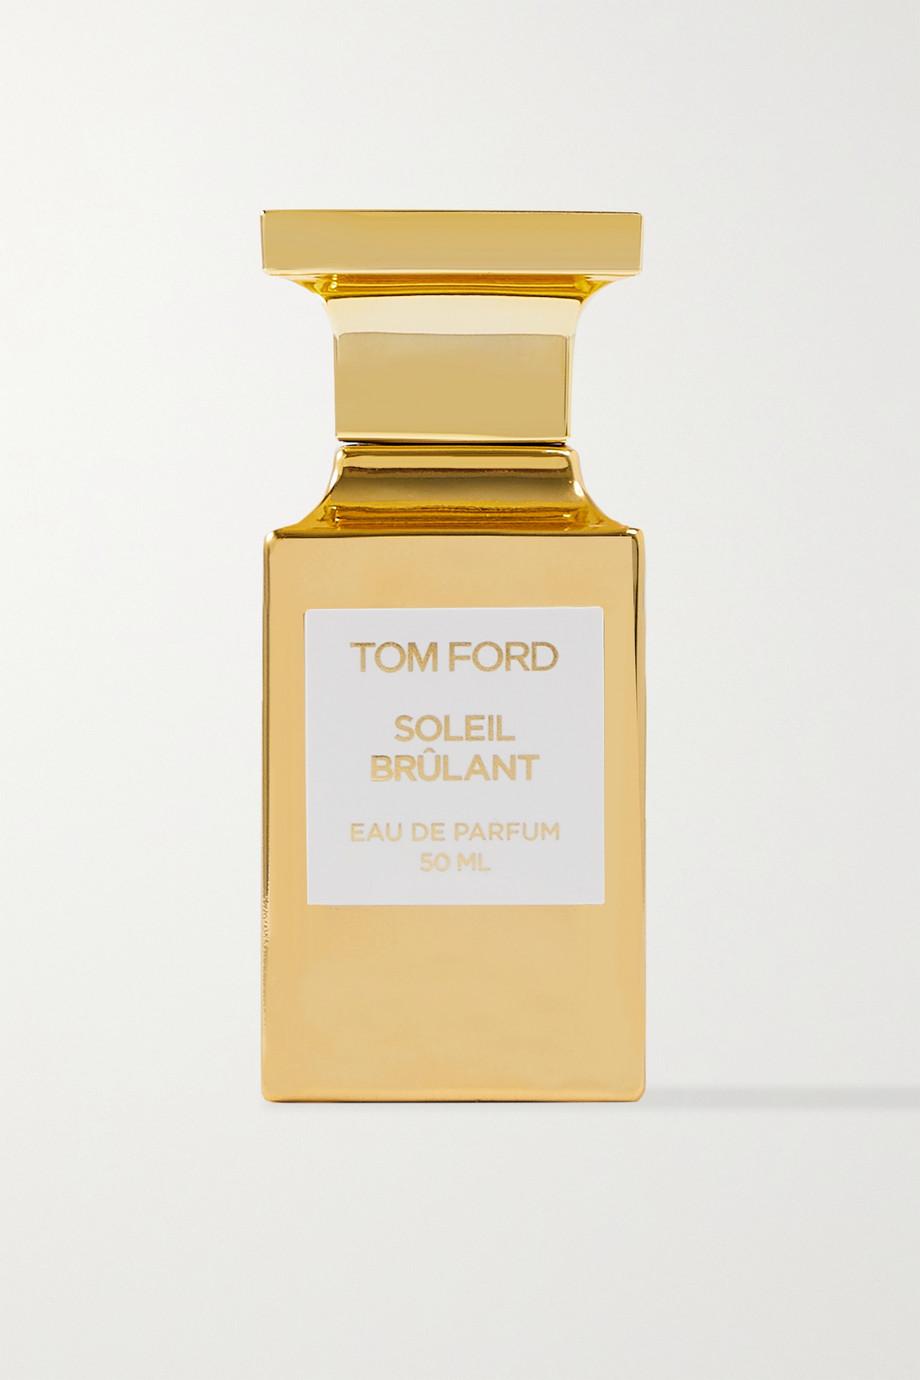 TOM FORD BEAUTY Eau de parfum Soleil Brûlant, 50 ml